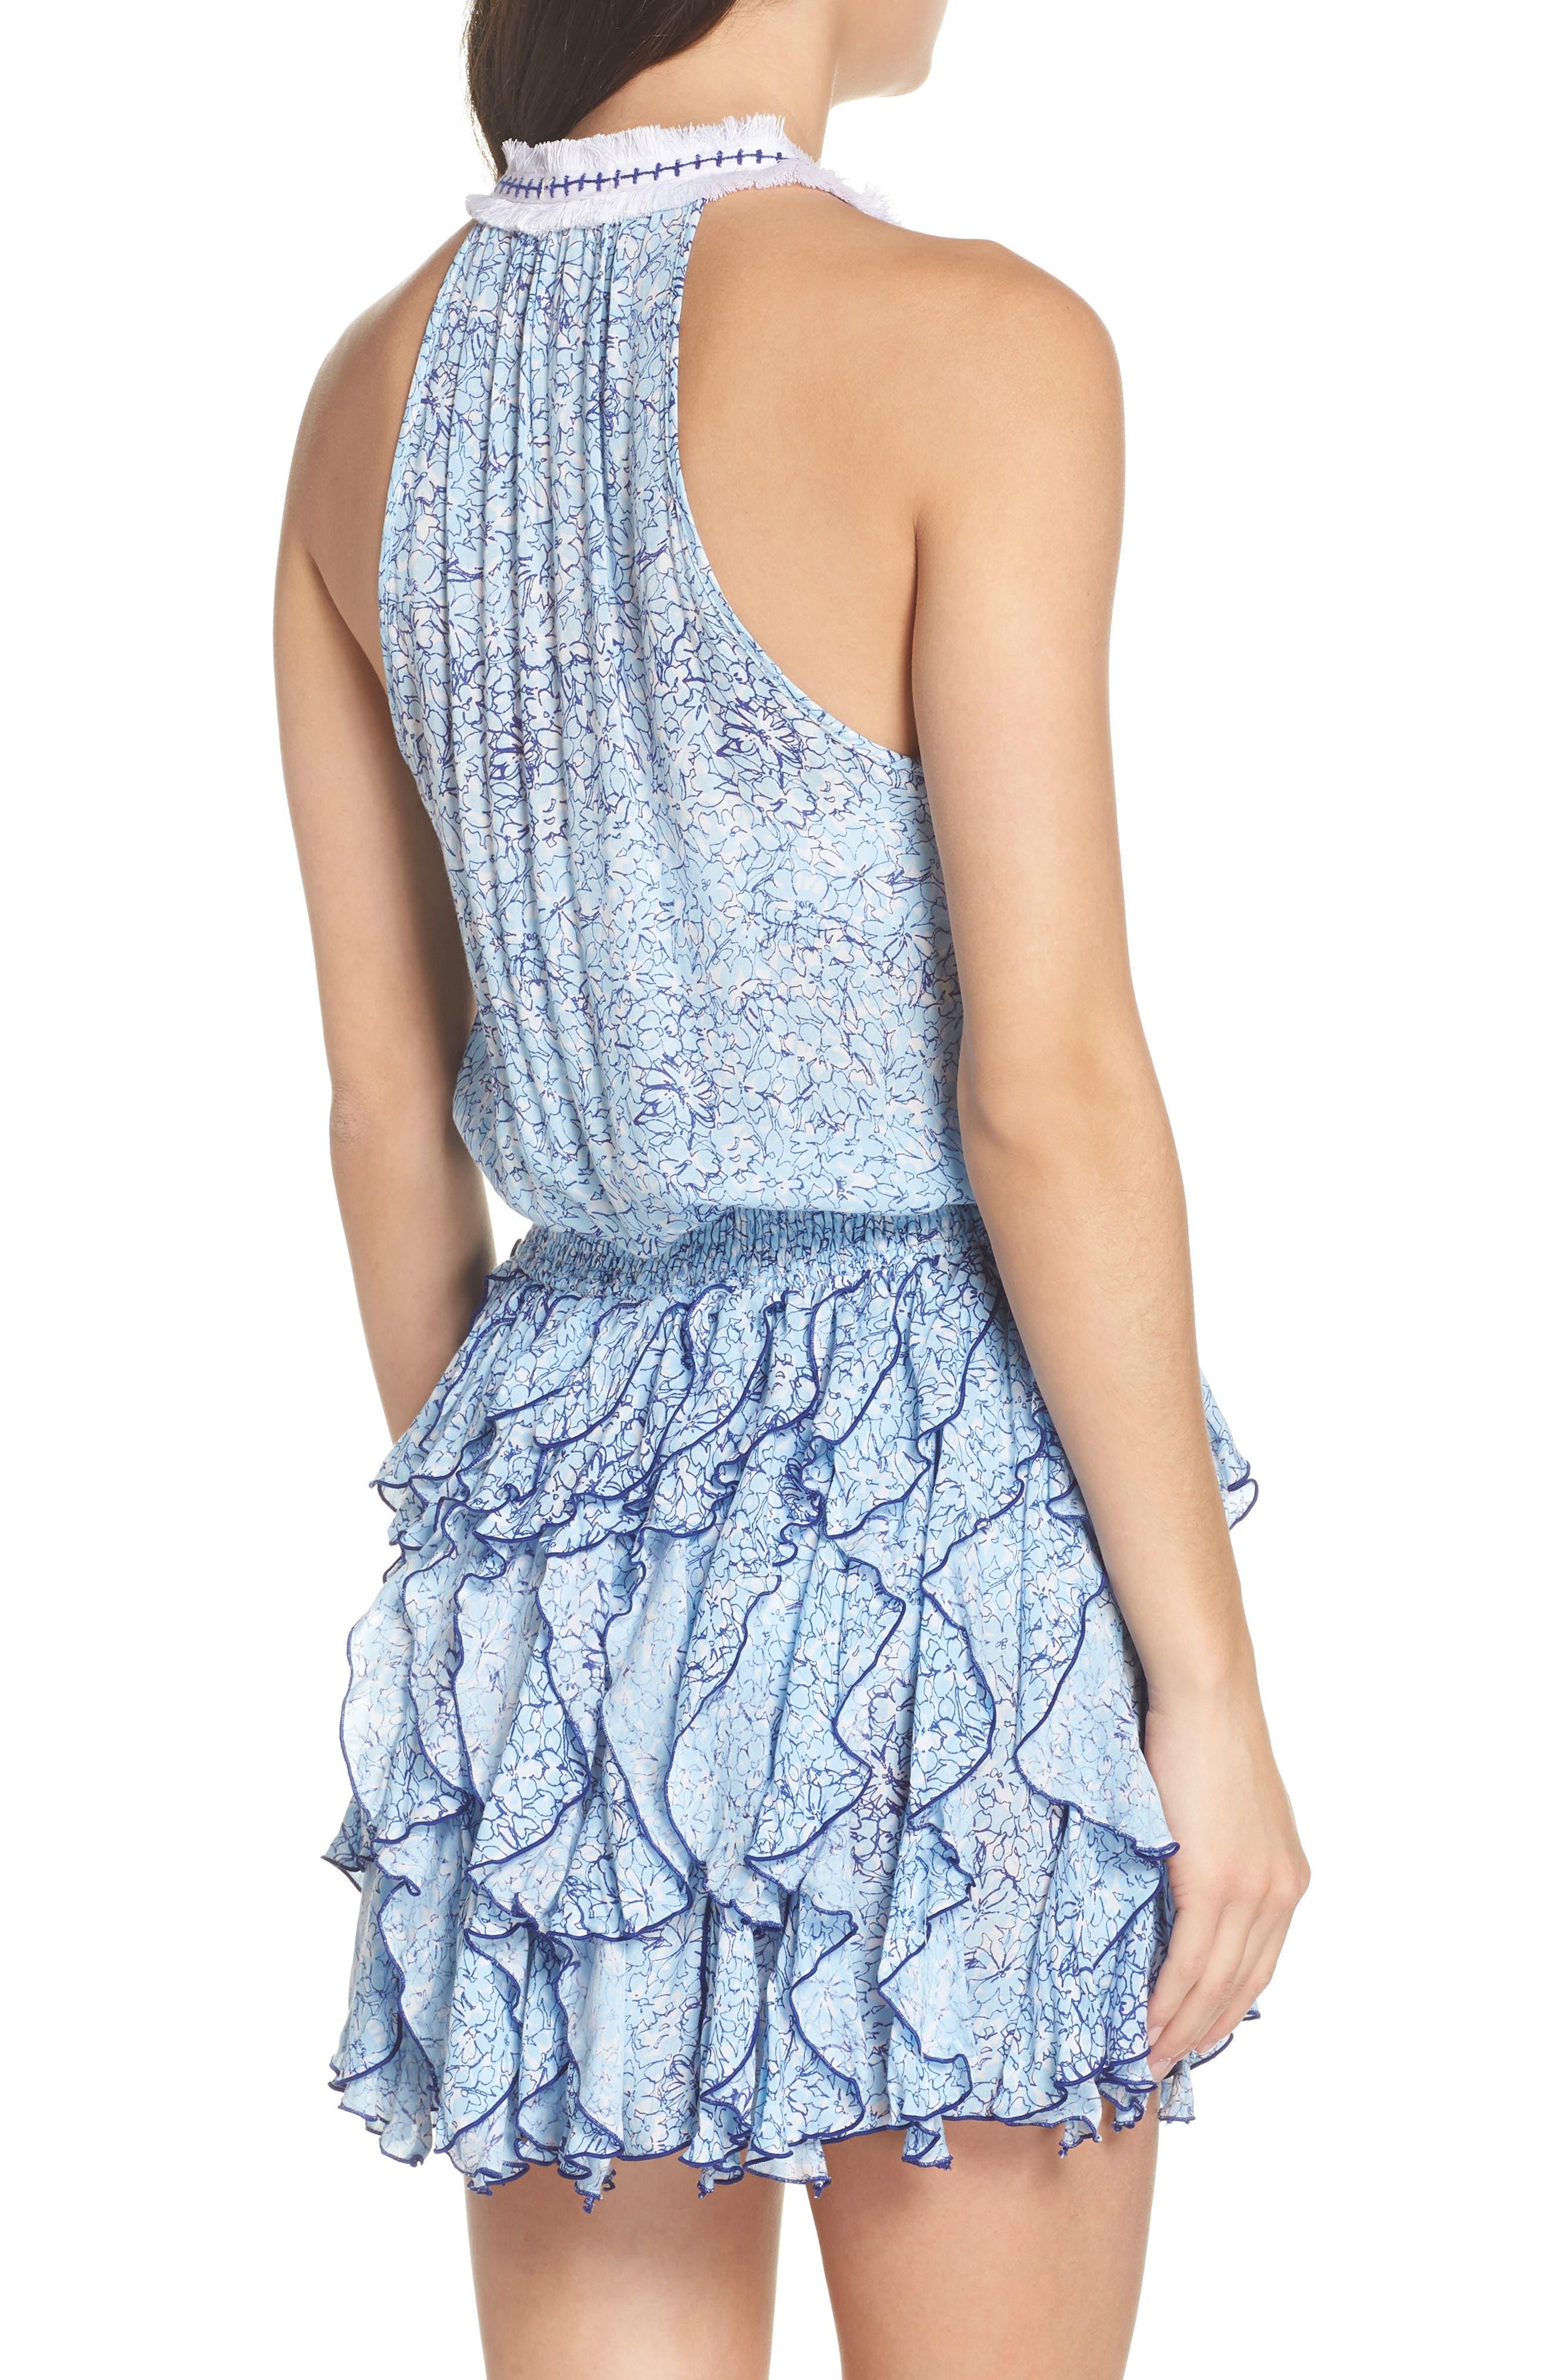 Poupette St. Barth Beline Cover-Up Dress,                             Alternate thumbnail 2, color,                             BLUE JOY